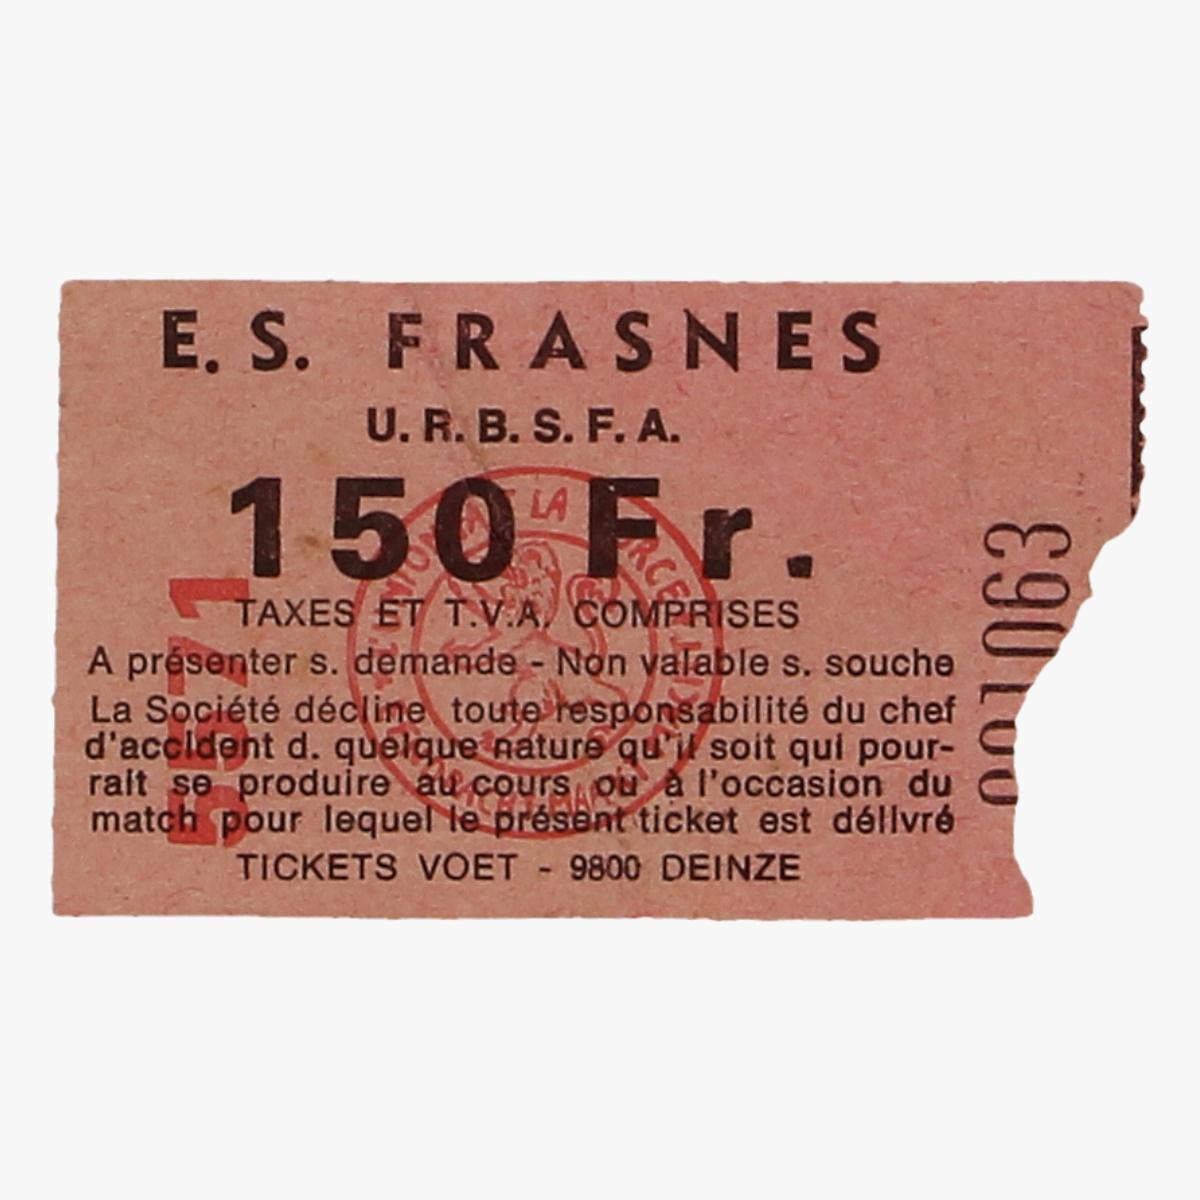 Afbeeldingen van voetbalticket E.S FRASNES U.R.B.S.F.A.